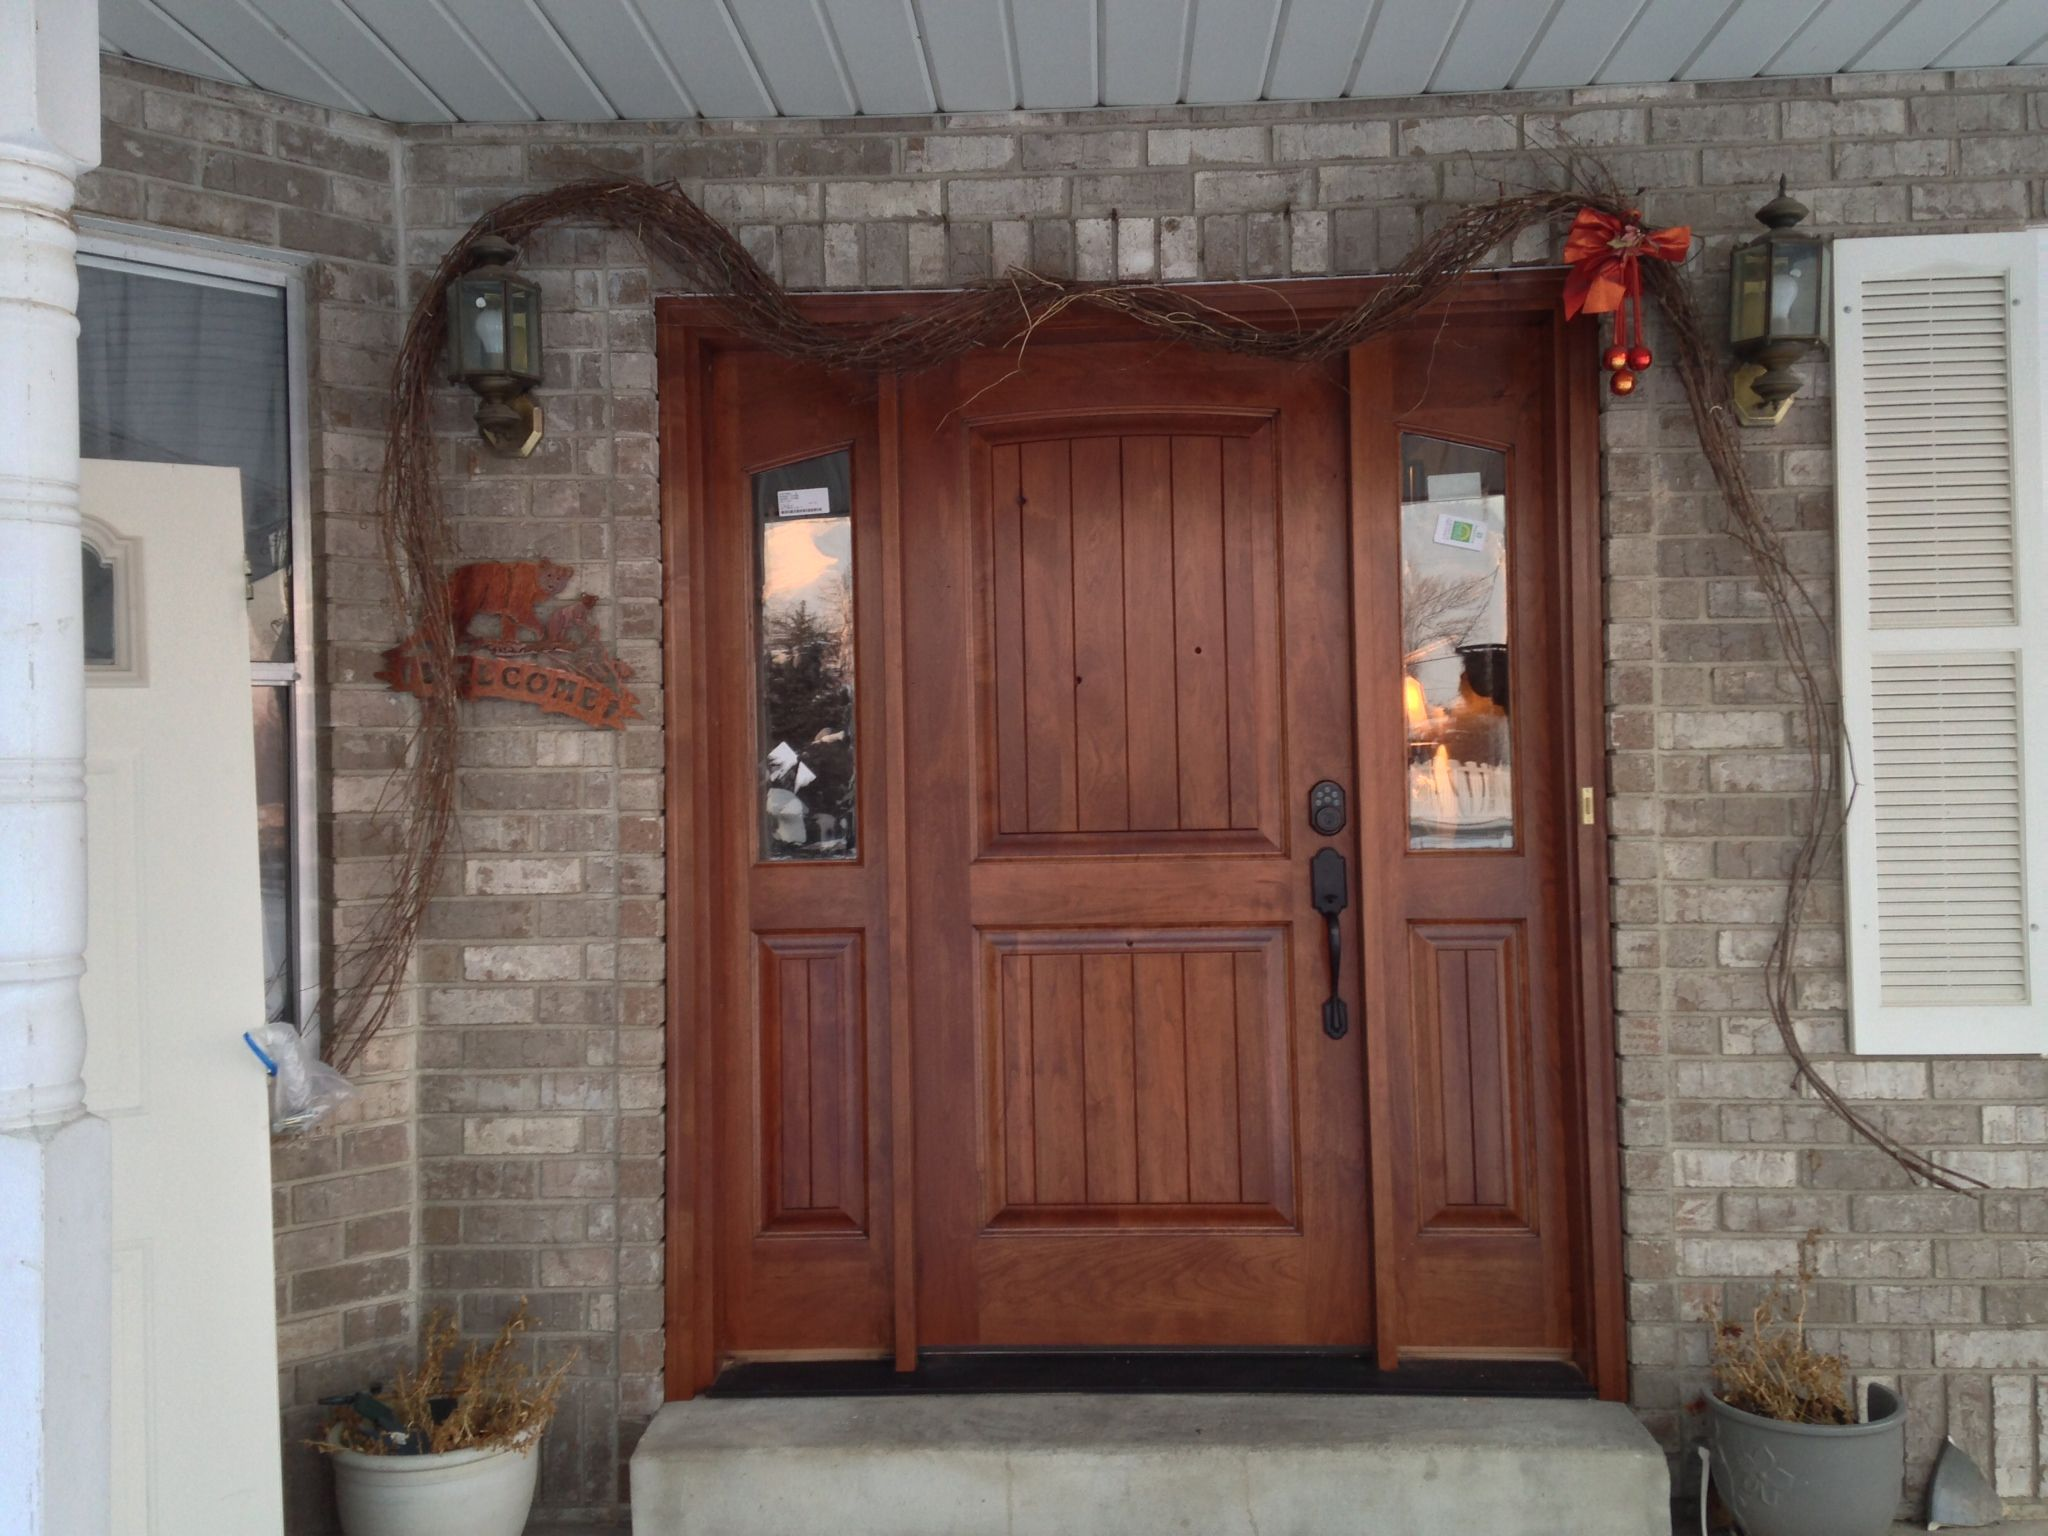 Pin By Shauna A On Curb Appeal Creators Doors Wood Front Doors Exterior Doors